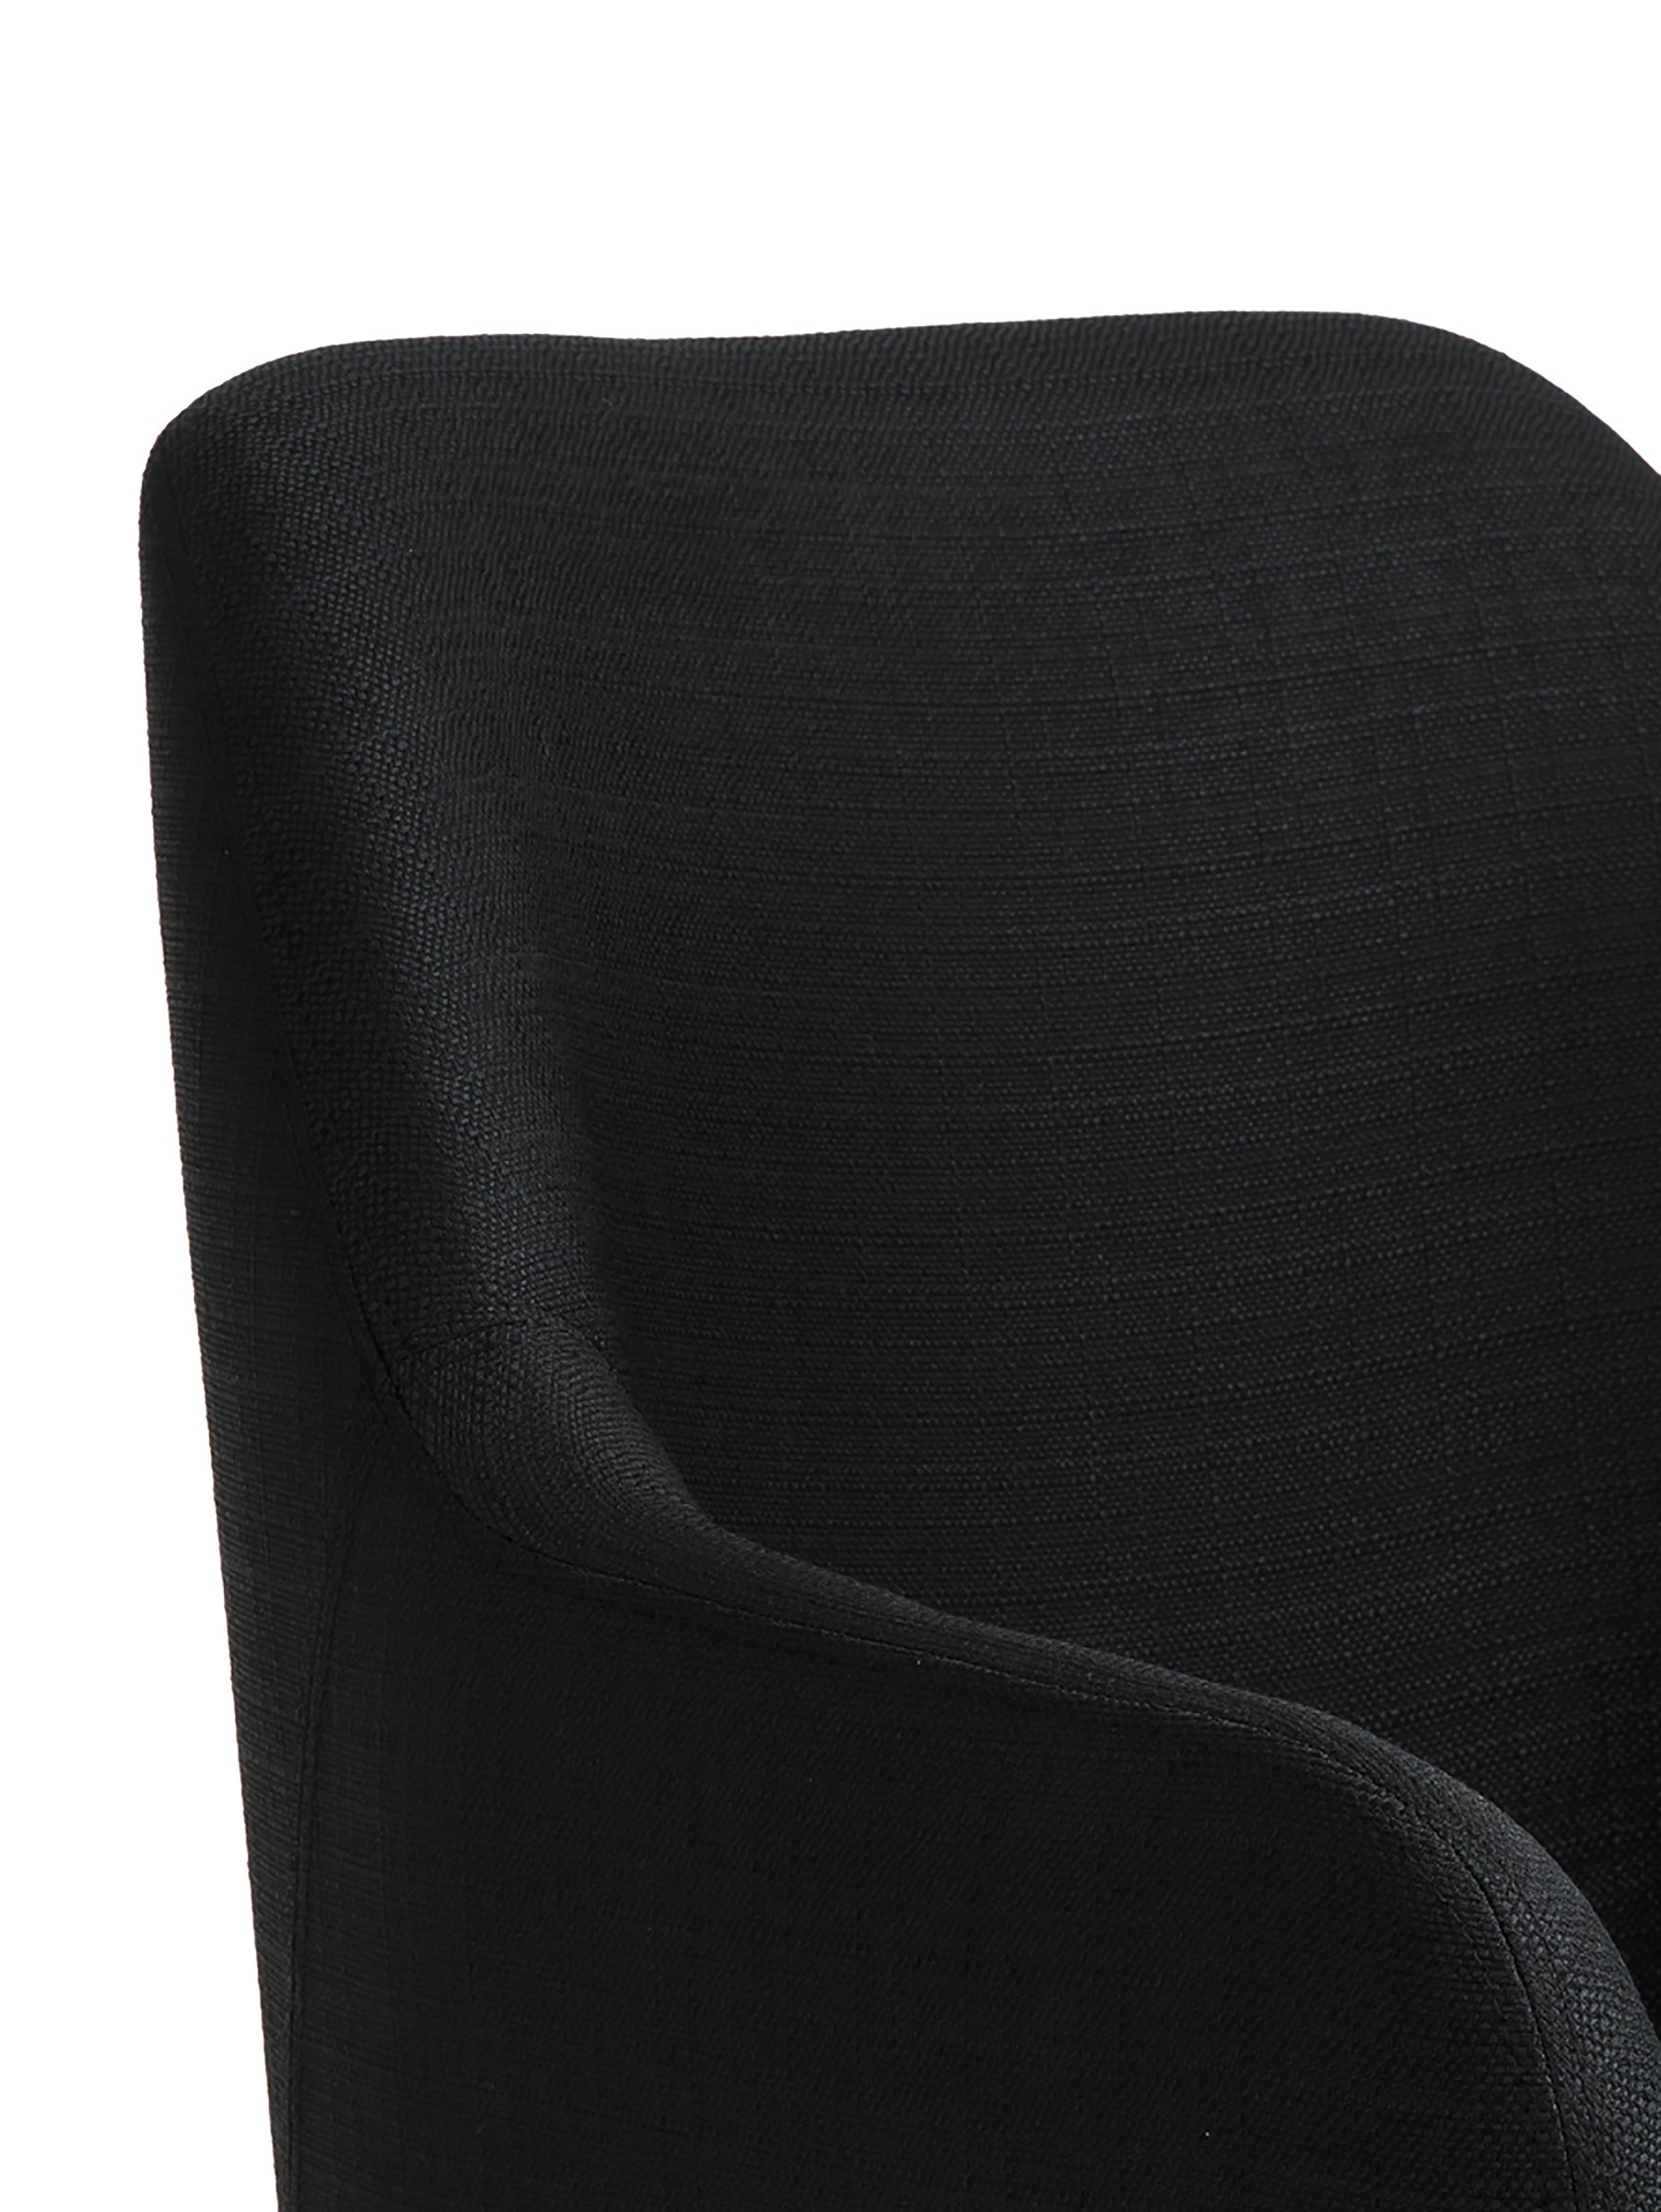 Čalouněná židle spodručkami Isla, Černá